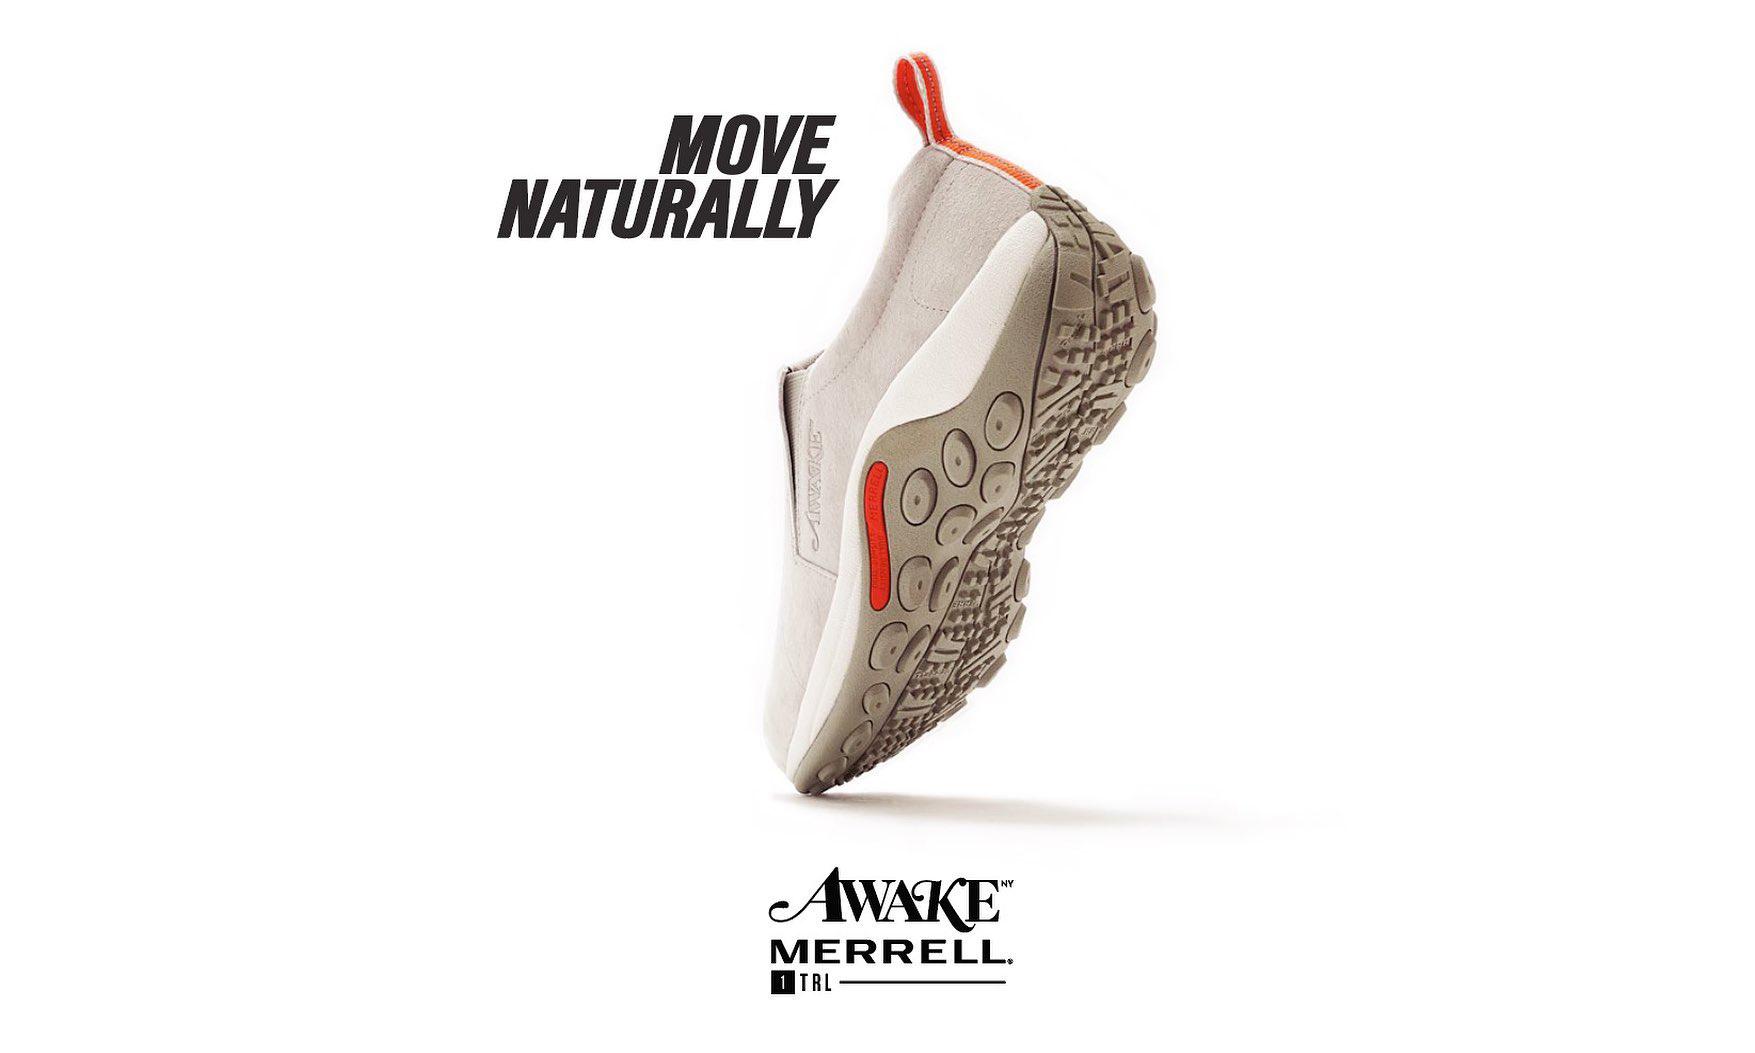 Awake NY x Merrell 联名鞋款曝光